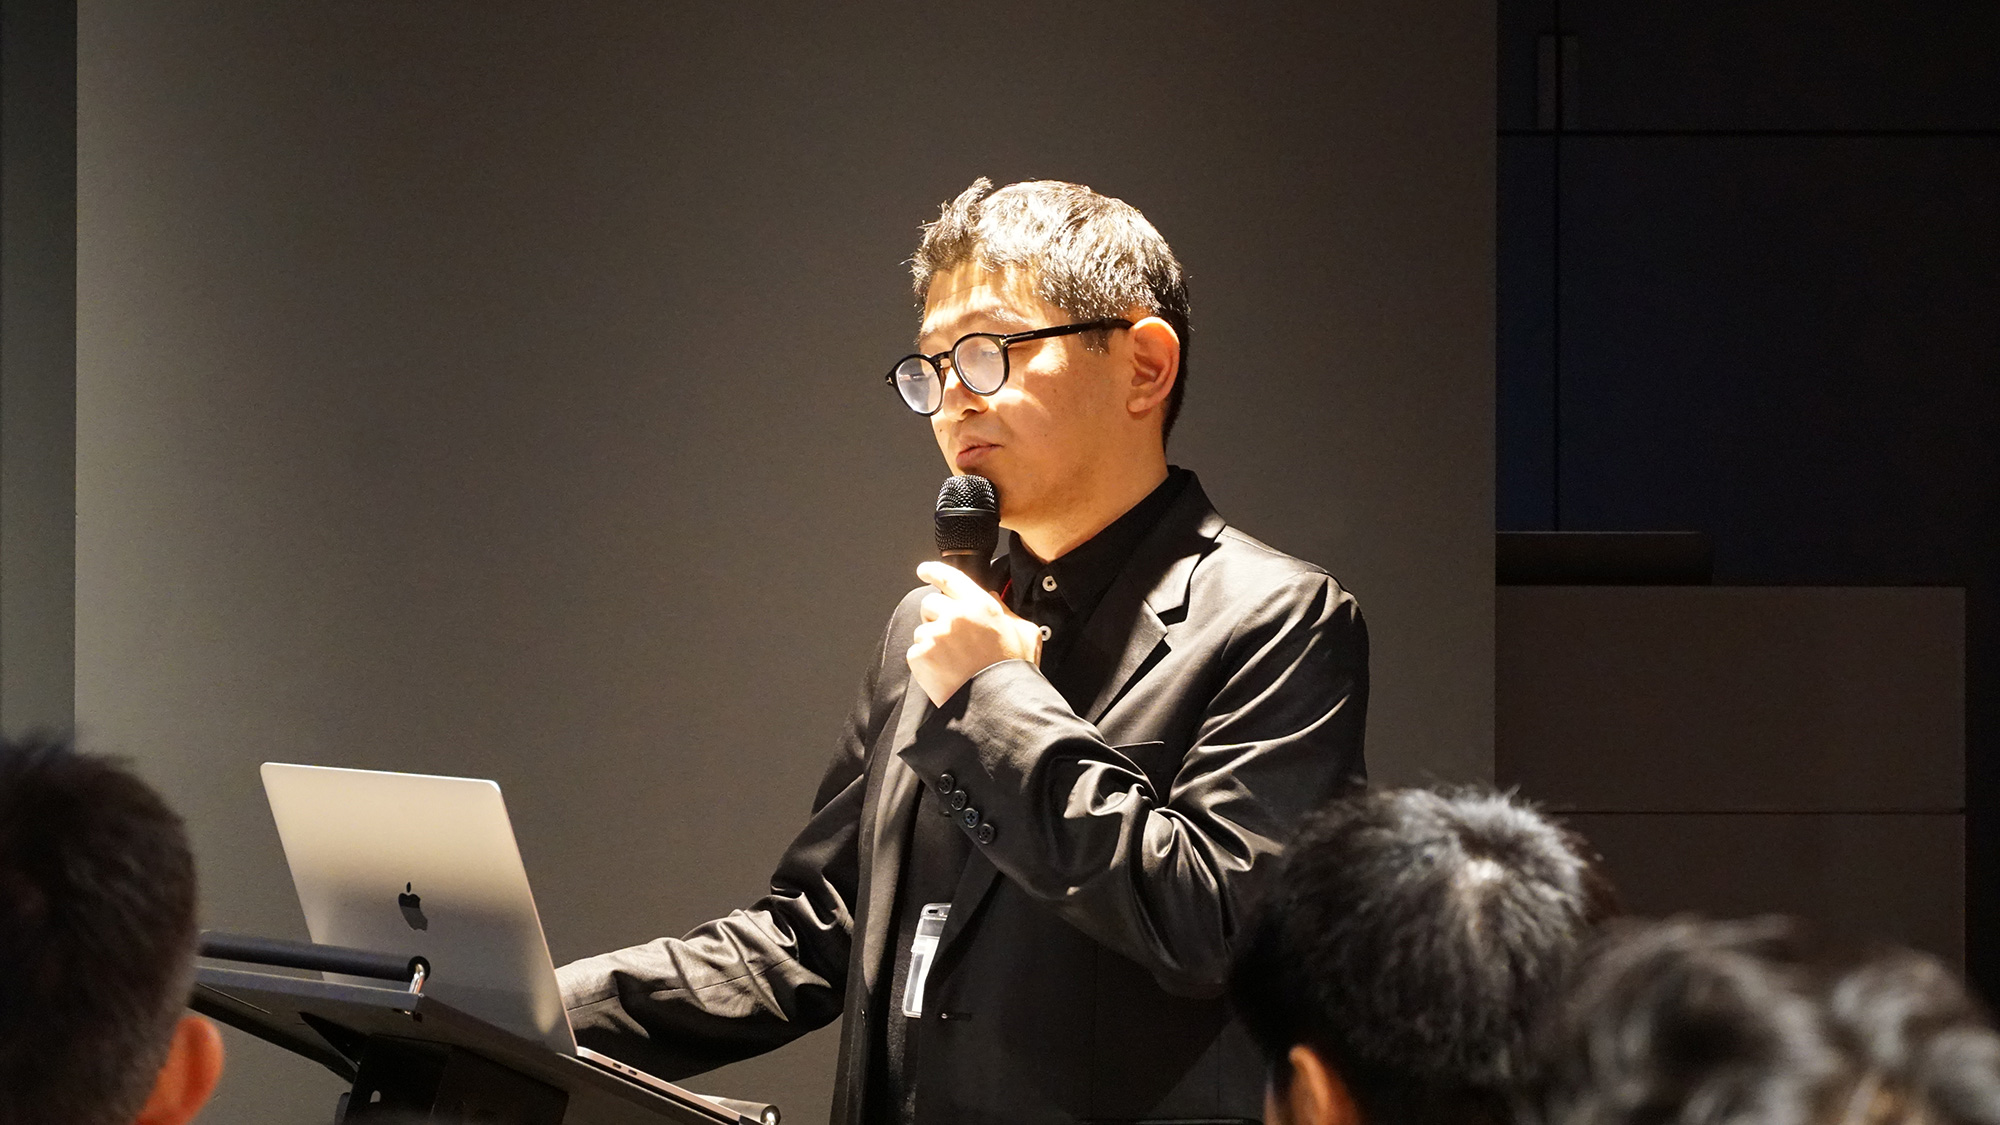 Daichi Amano speaks at Gensler Tokyo's Design Forecast event